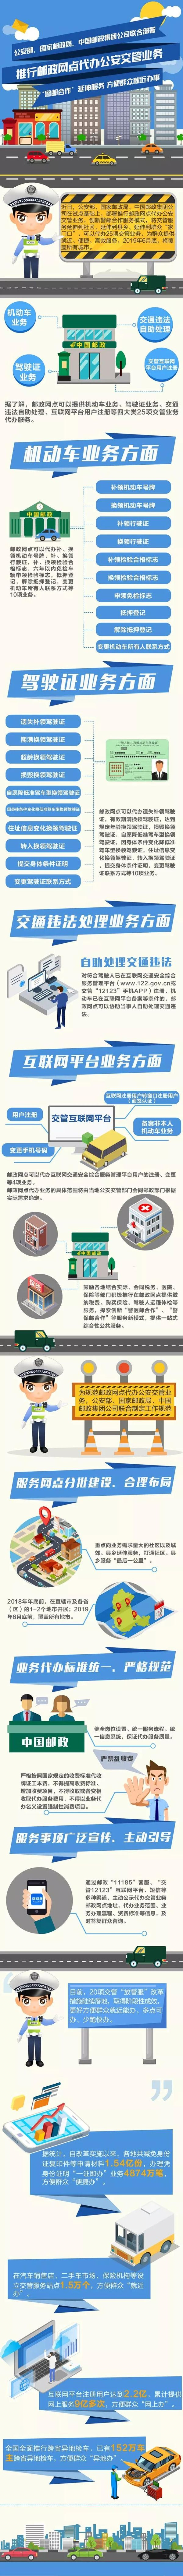 公安部:邮政可补换领驾照、处理违章还可以办理这些业务